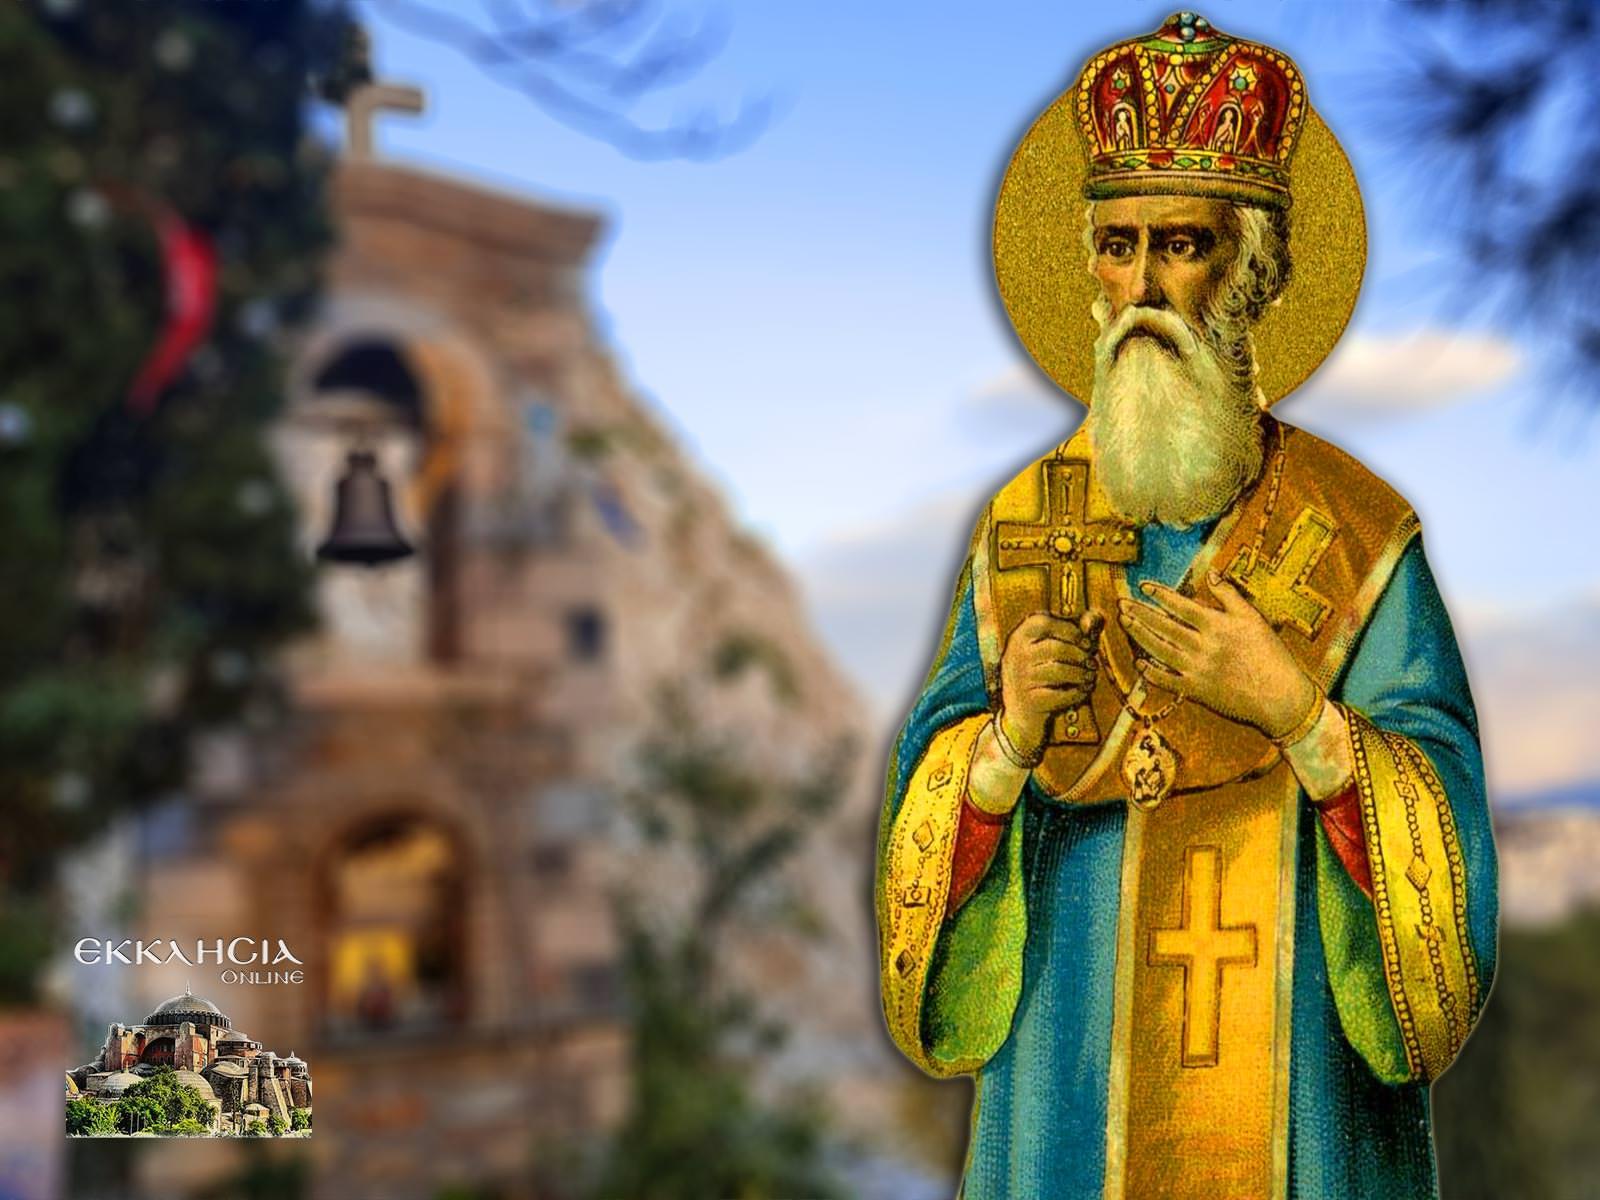 Άγιος Γρηγόριος Θεολόγος 25 Ιανουαρίου